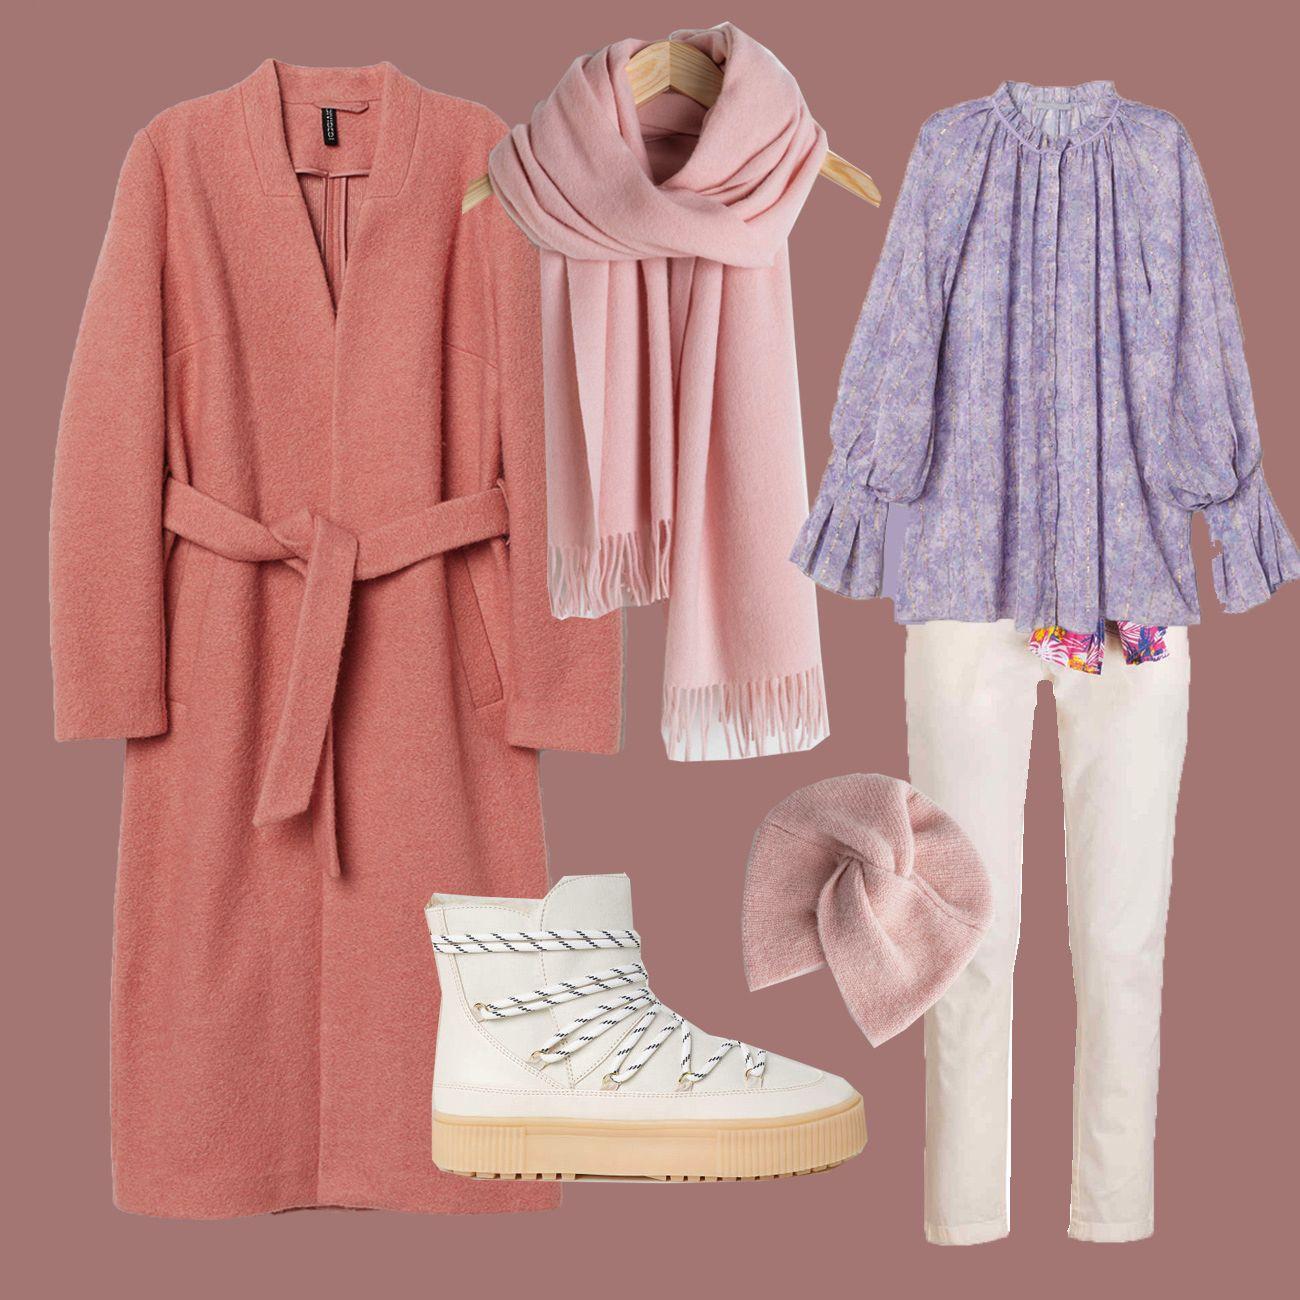 5 schöne und warme winter outfits unter 250€ | outfit